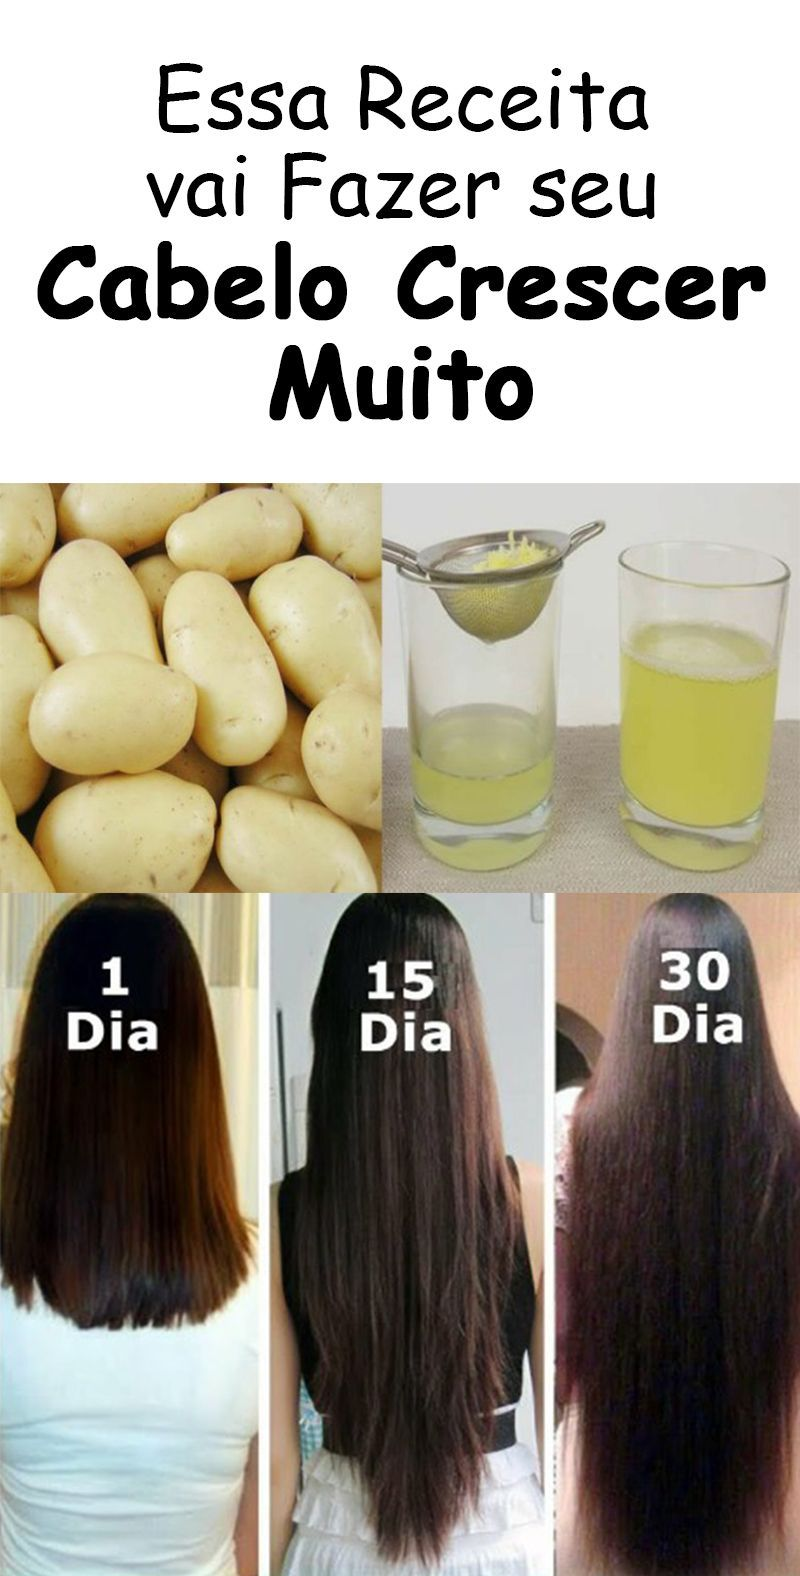 Agua De Batata Para Escurecer O Cabelo receita de suco de batata para fazer o cabelo crescer